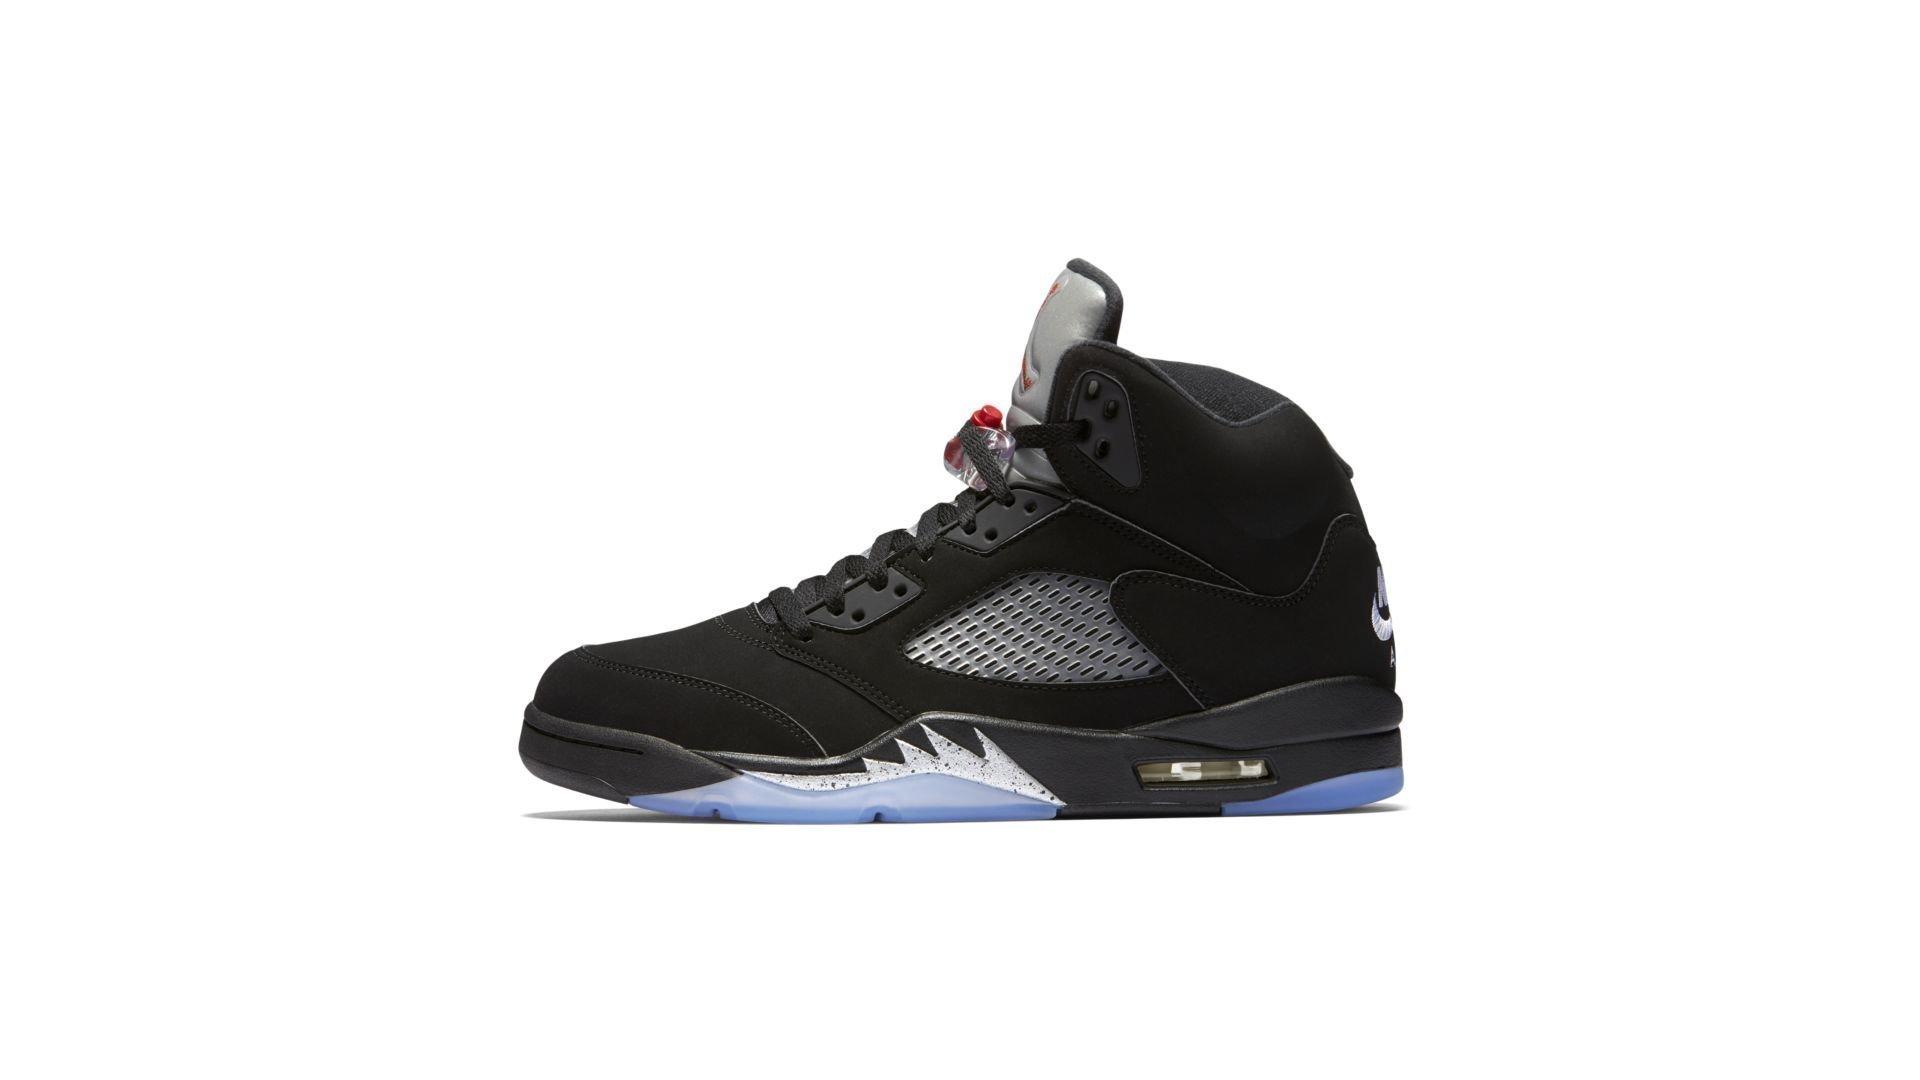 Jordan 5 Retro Black Metallic (2016) (845035-003)